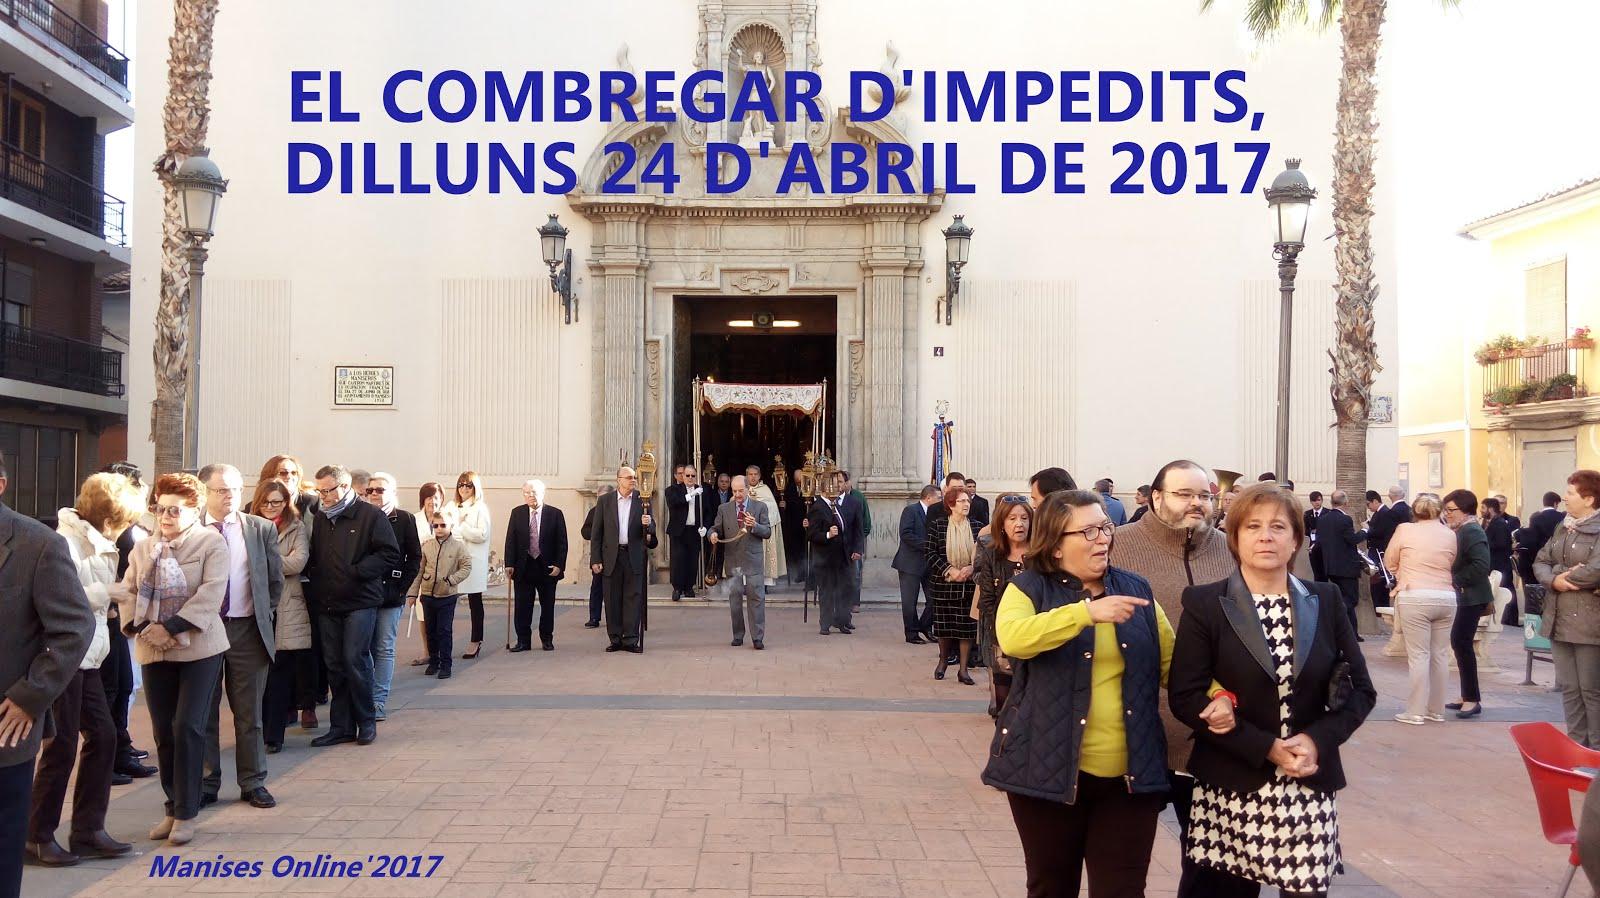 24.04.17 EL COMBREGAR D'IMPEDITS EN MANISES